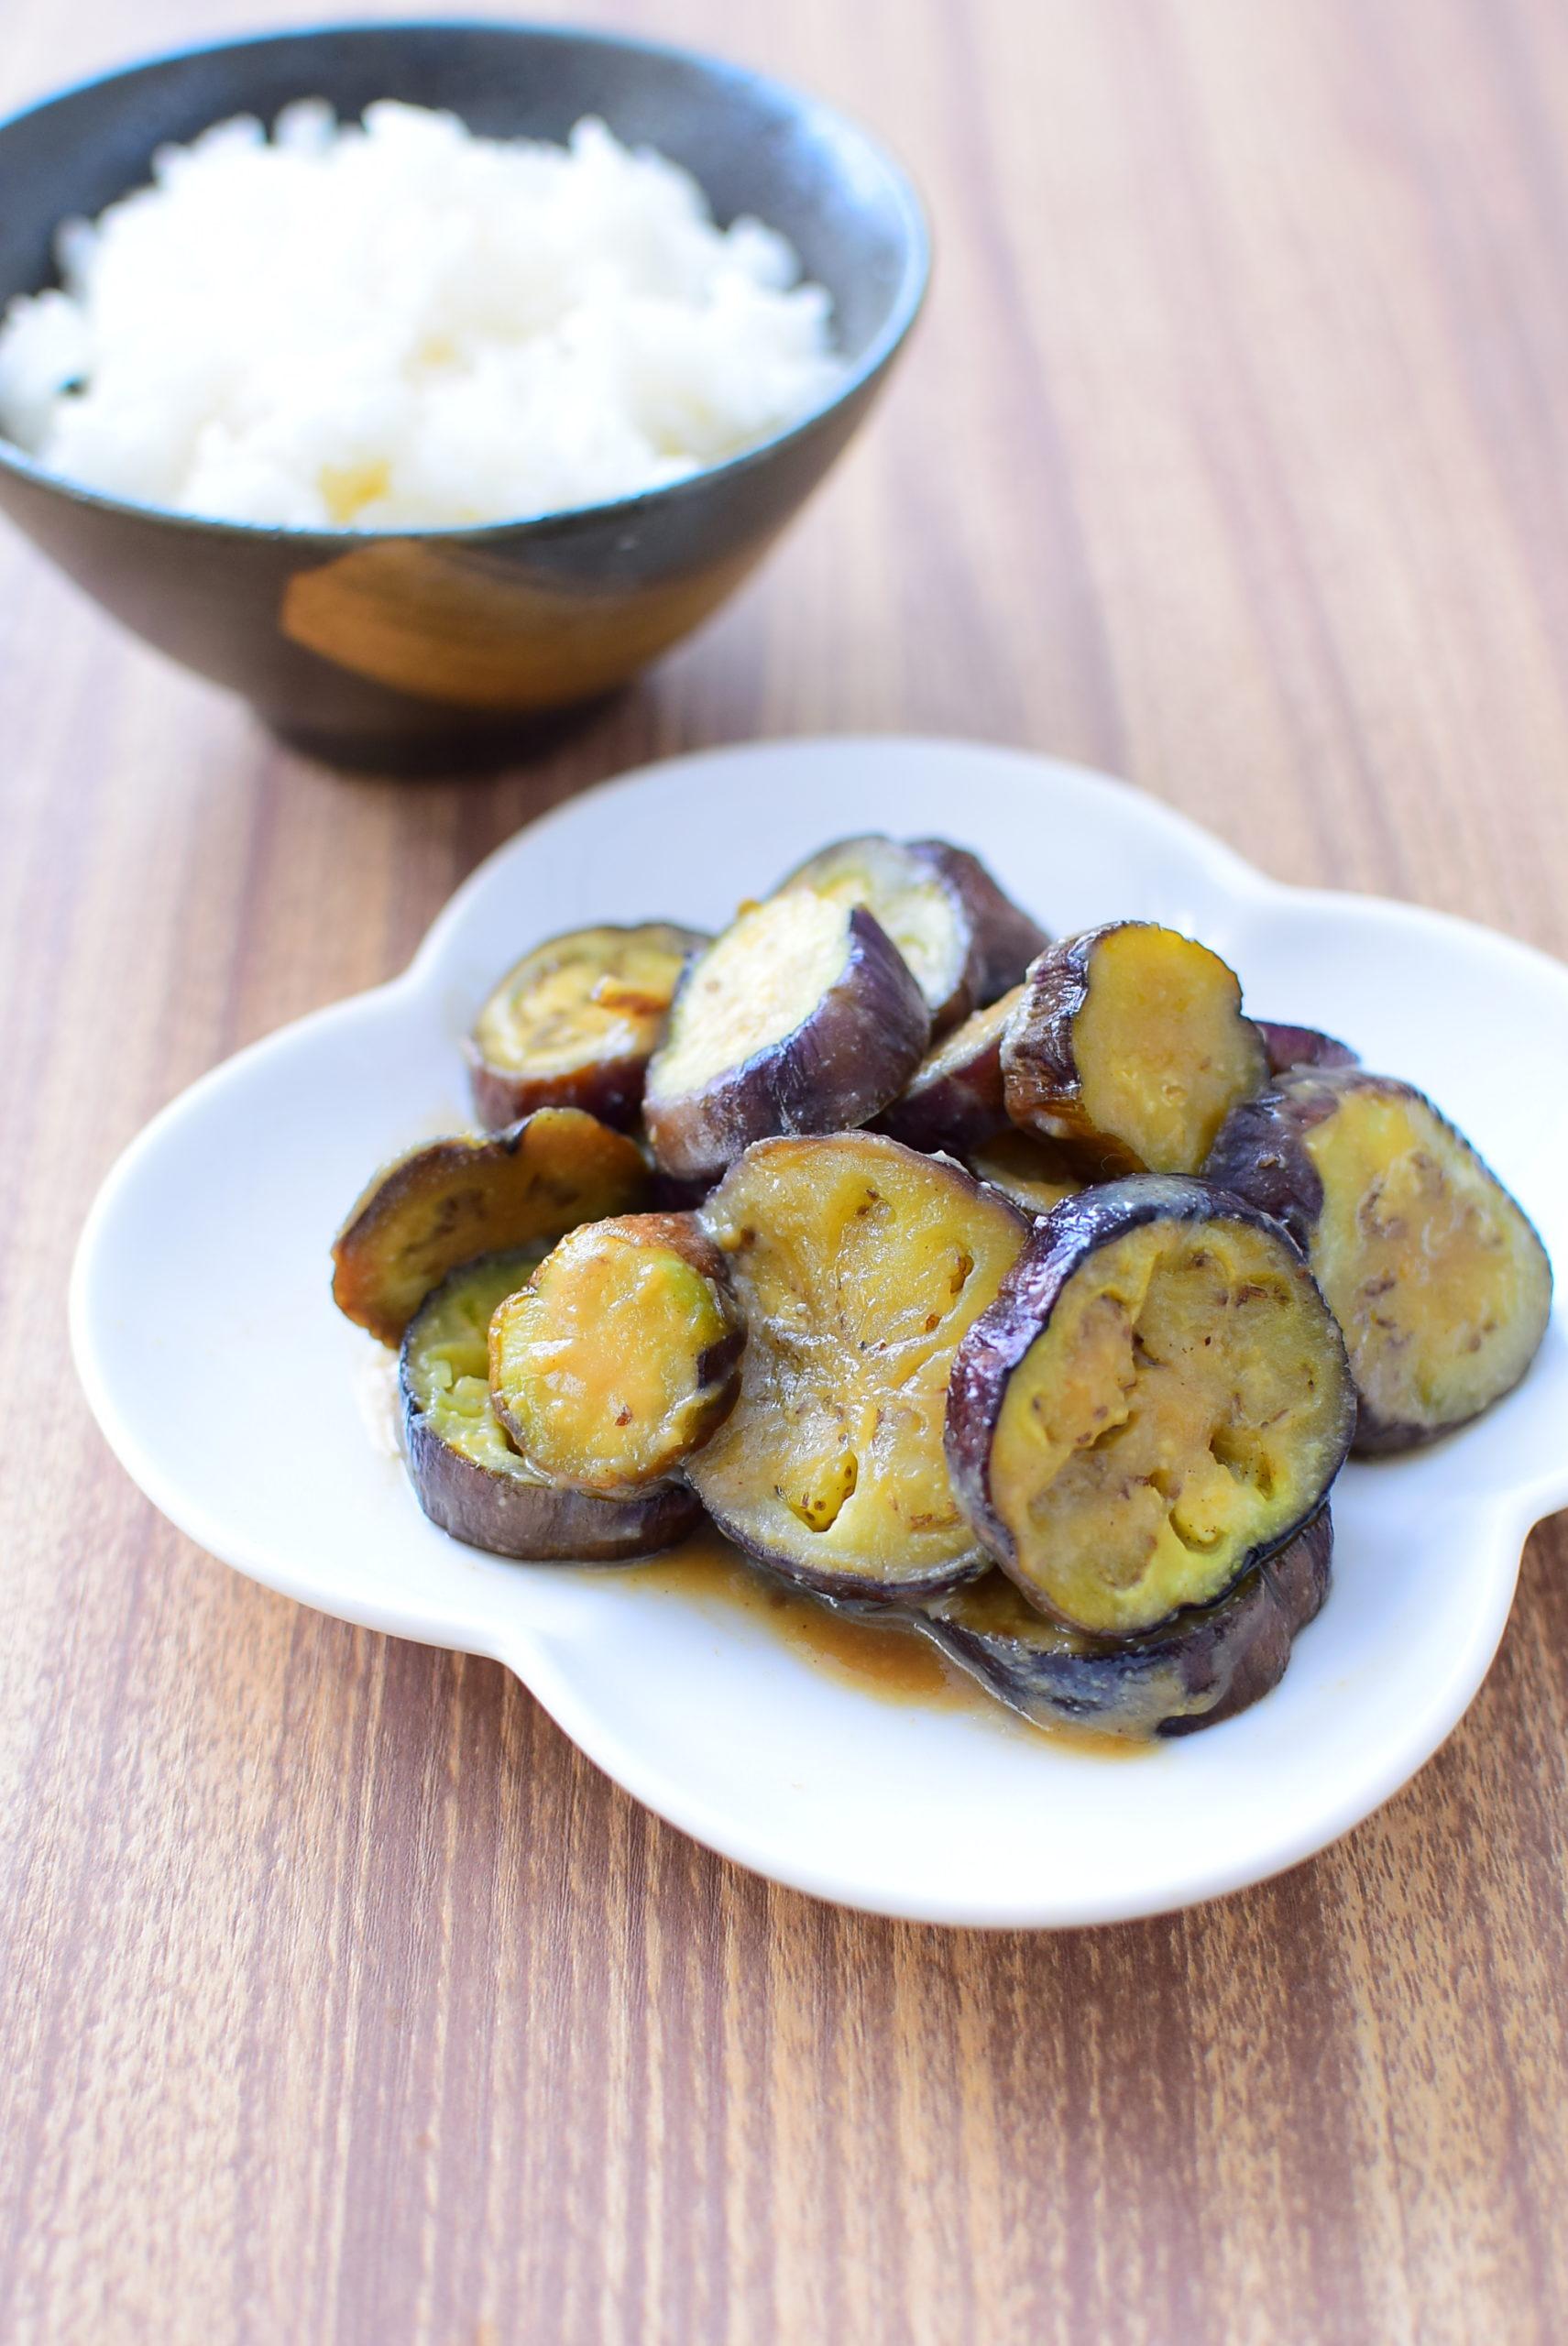 簡単で美味しい!なすの味噌炒めのレシピの写真